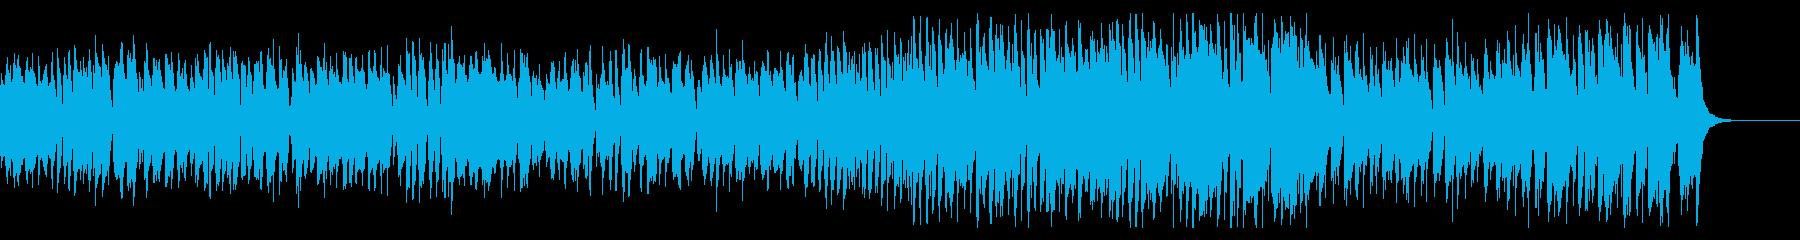 あやしげなジプシー・ジャズの再生済みの波形